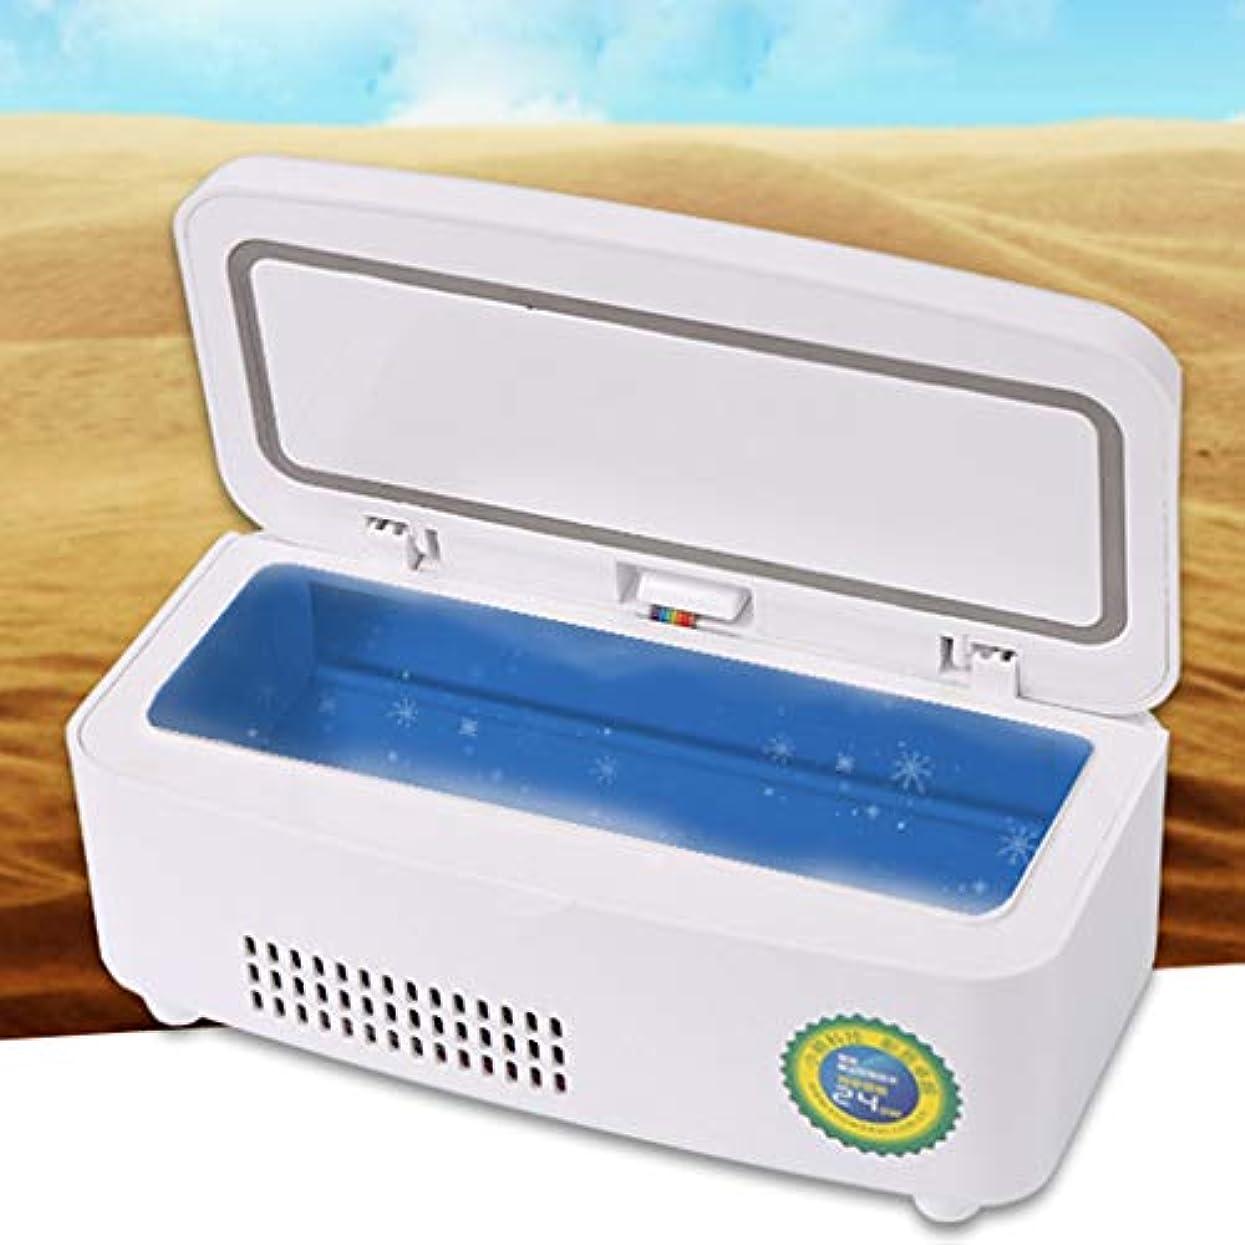 ファンシー不合格舗装GXH- インスリン冷却ボックス便利な充電式小型冷凍冷蔵庫、家庭用薬恒温収納ボックス